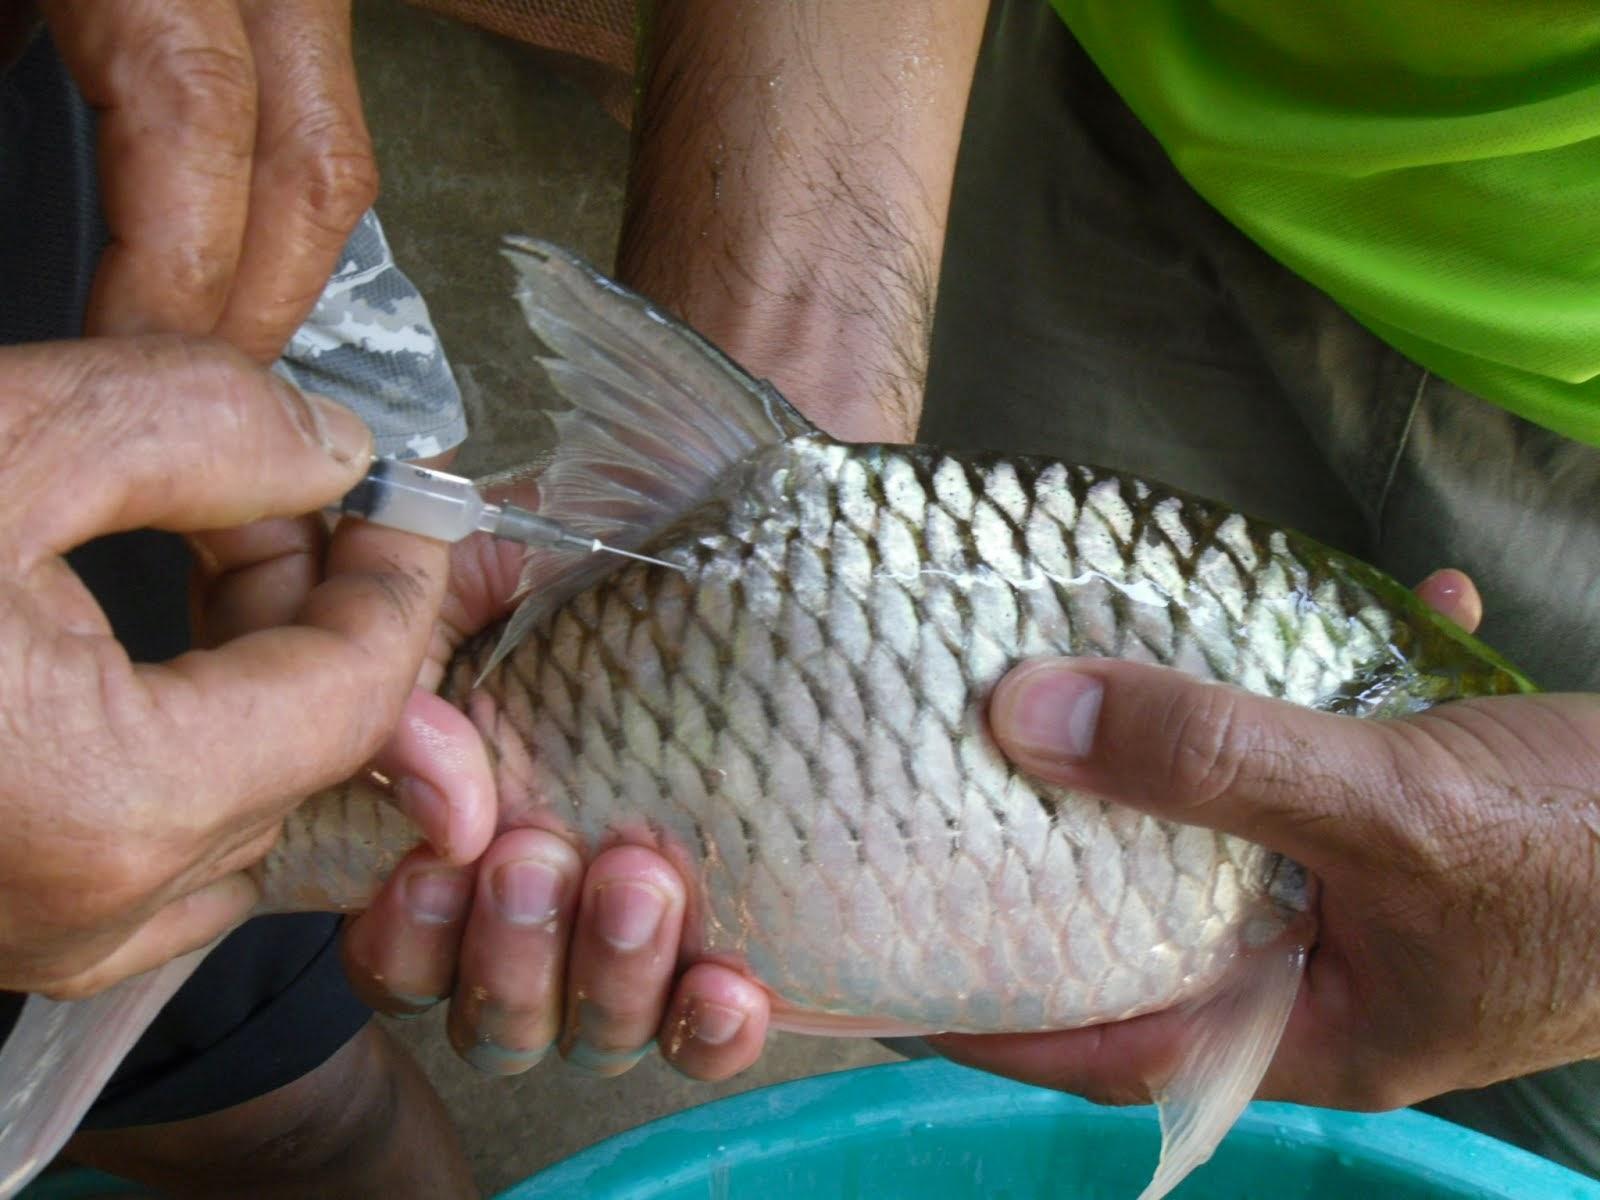 ปลาประจำศูนย์เรียนรู้เทศบาลตำบลเกาะแก้ว